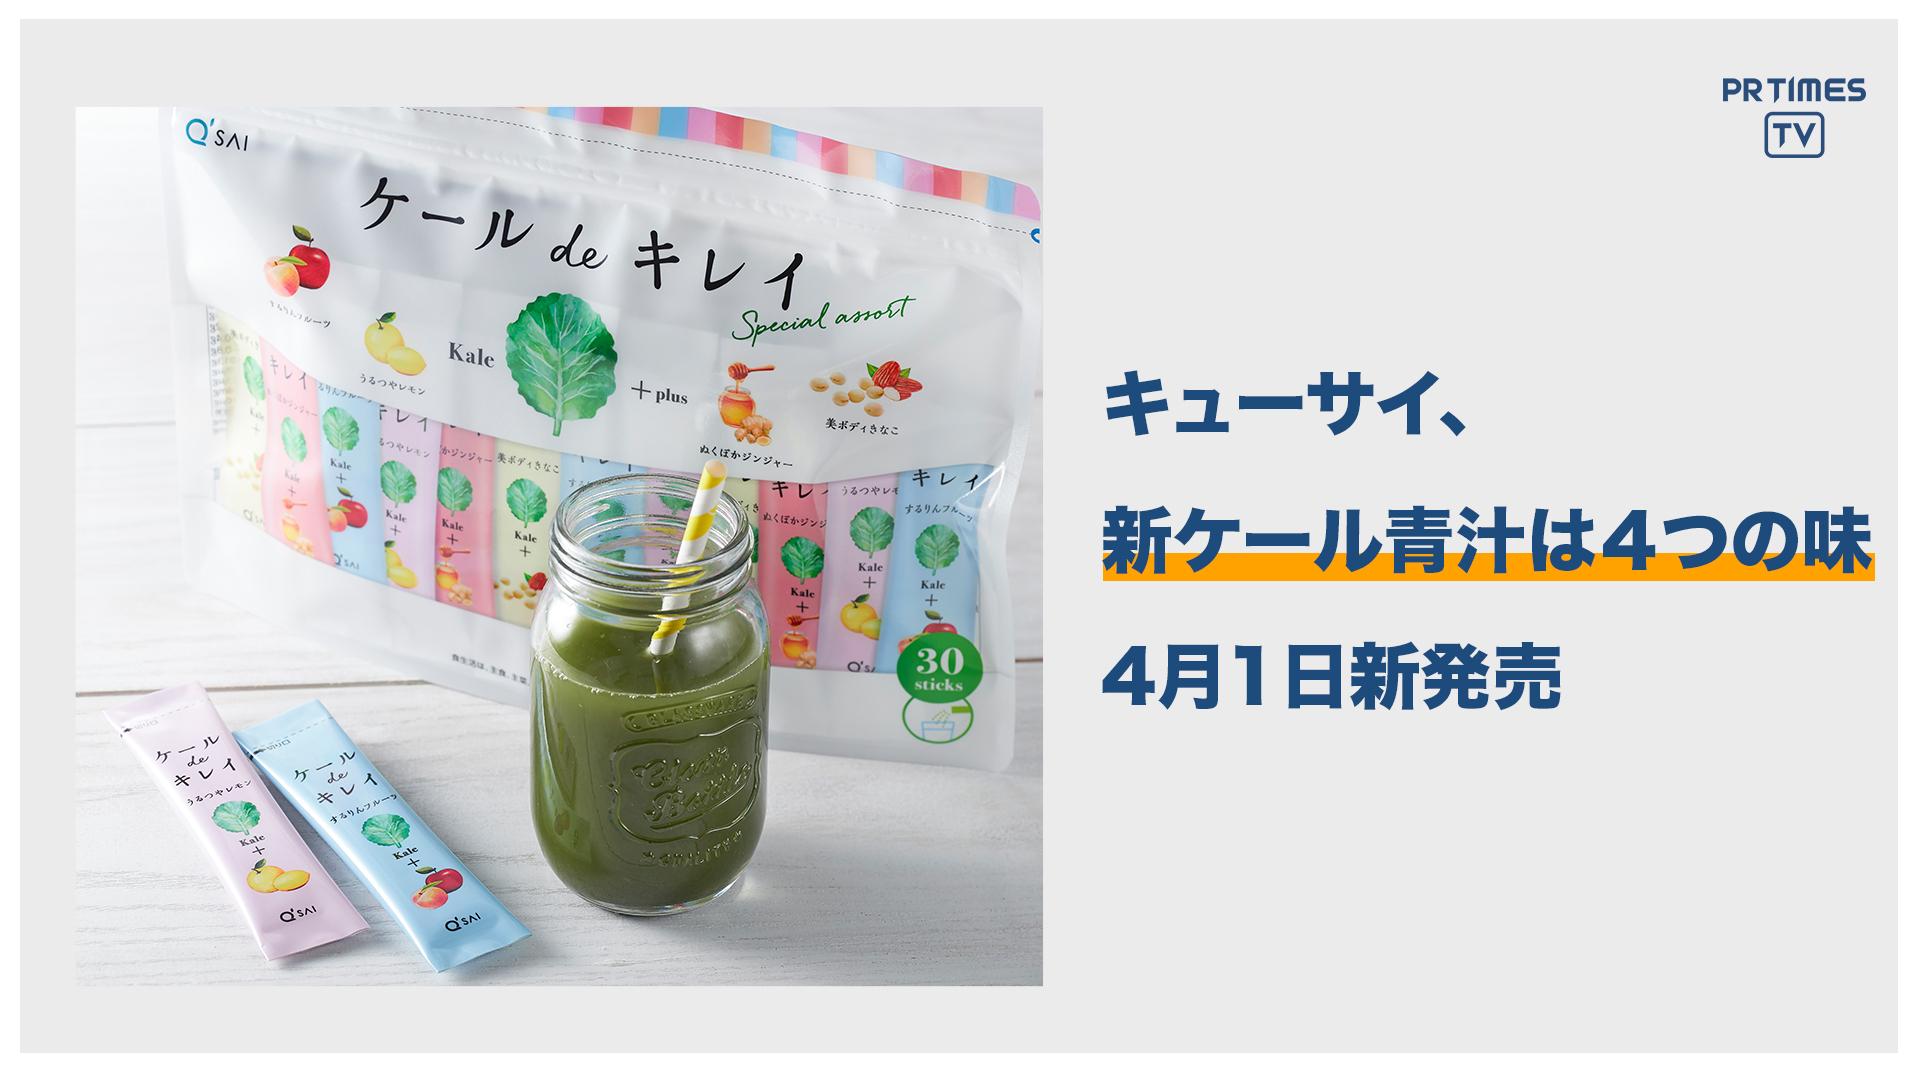 『おいしい!もう1杯!』青汁嫌いな社員が作ったケール青汁 「ケールde キレイ」4 月1 日新発売!